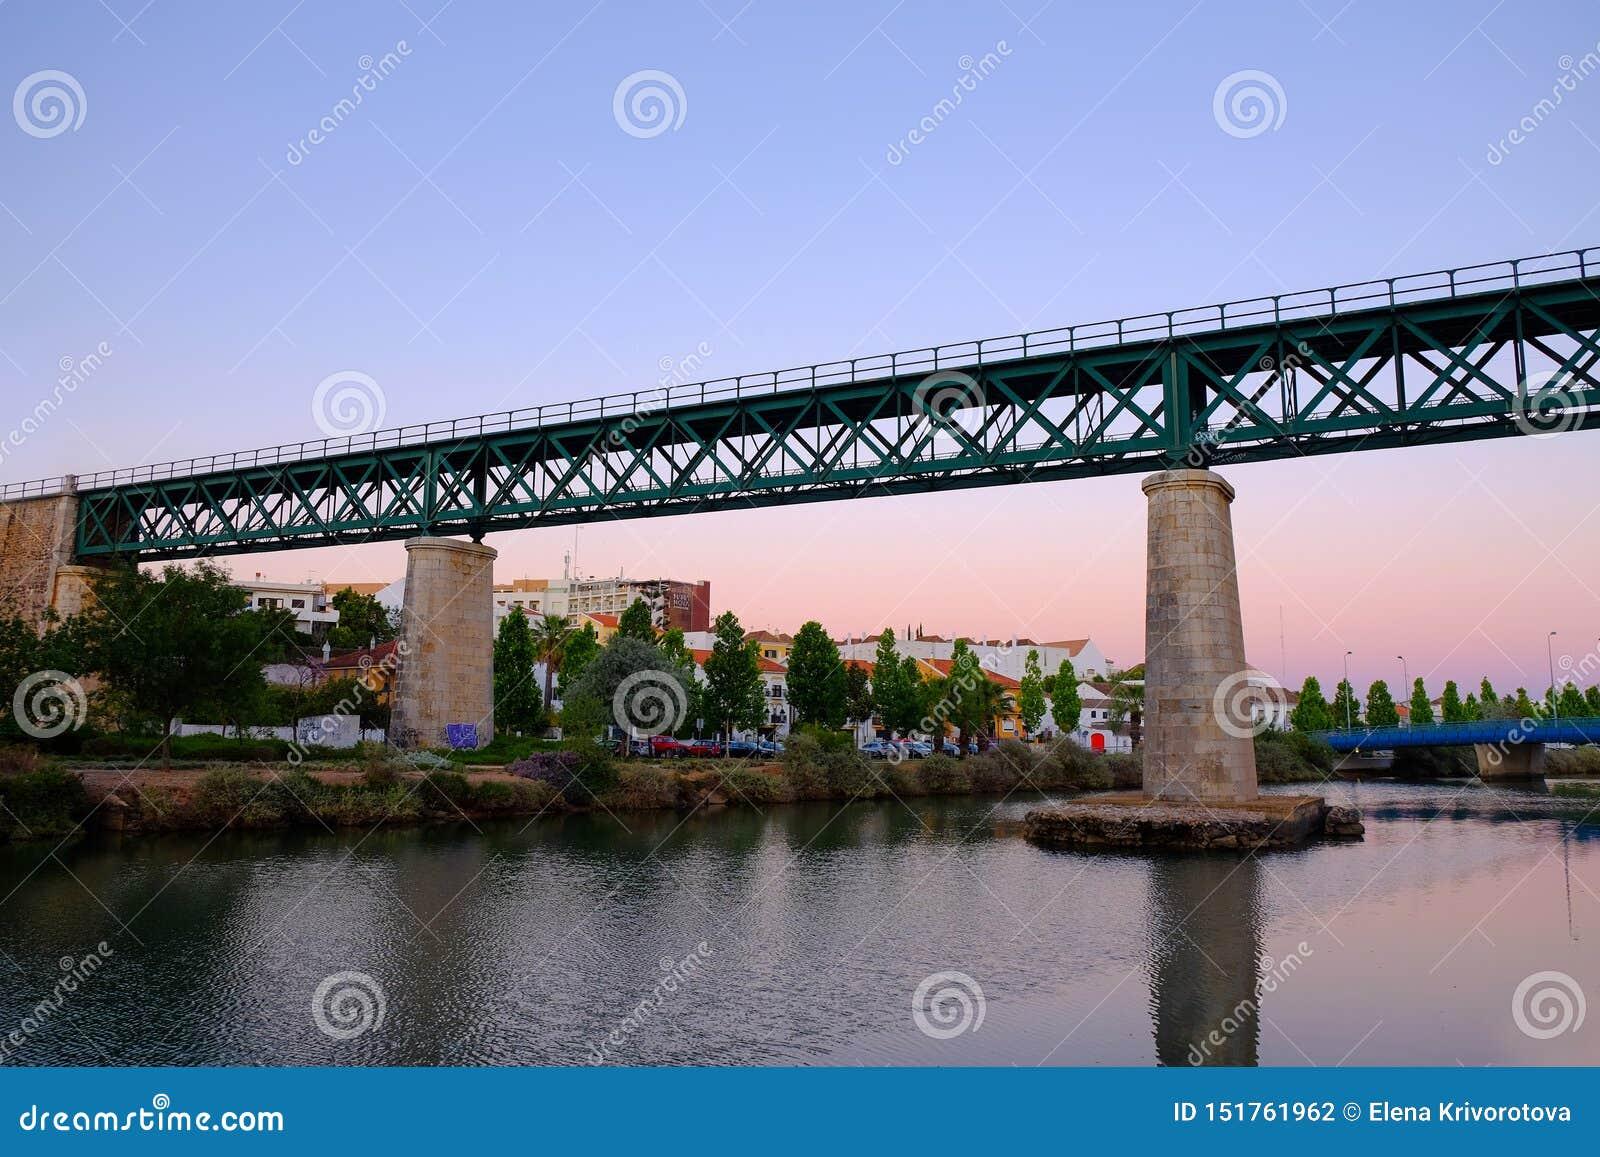 TAVIRA, ALGARVE, PORTUGAL - L AMI 25, 2019 : Vue sur le pont en fer en Tavira et rivière Gilao